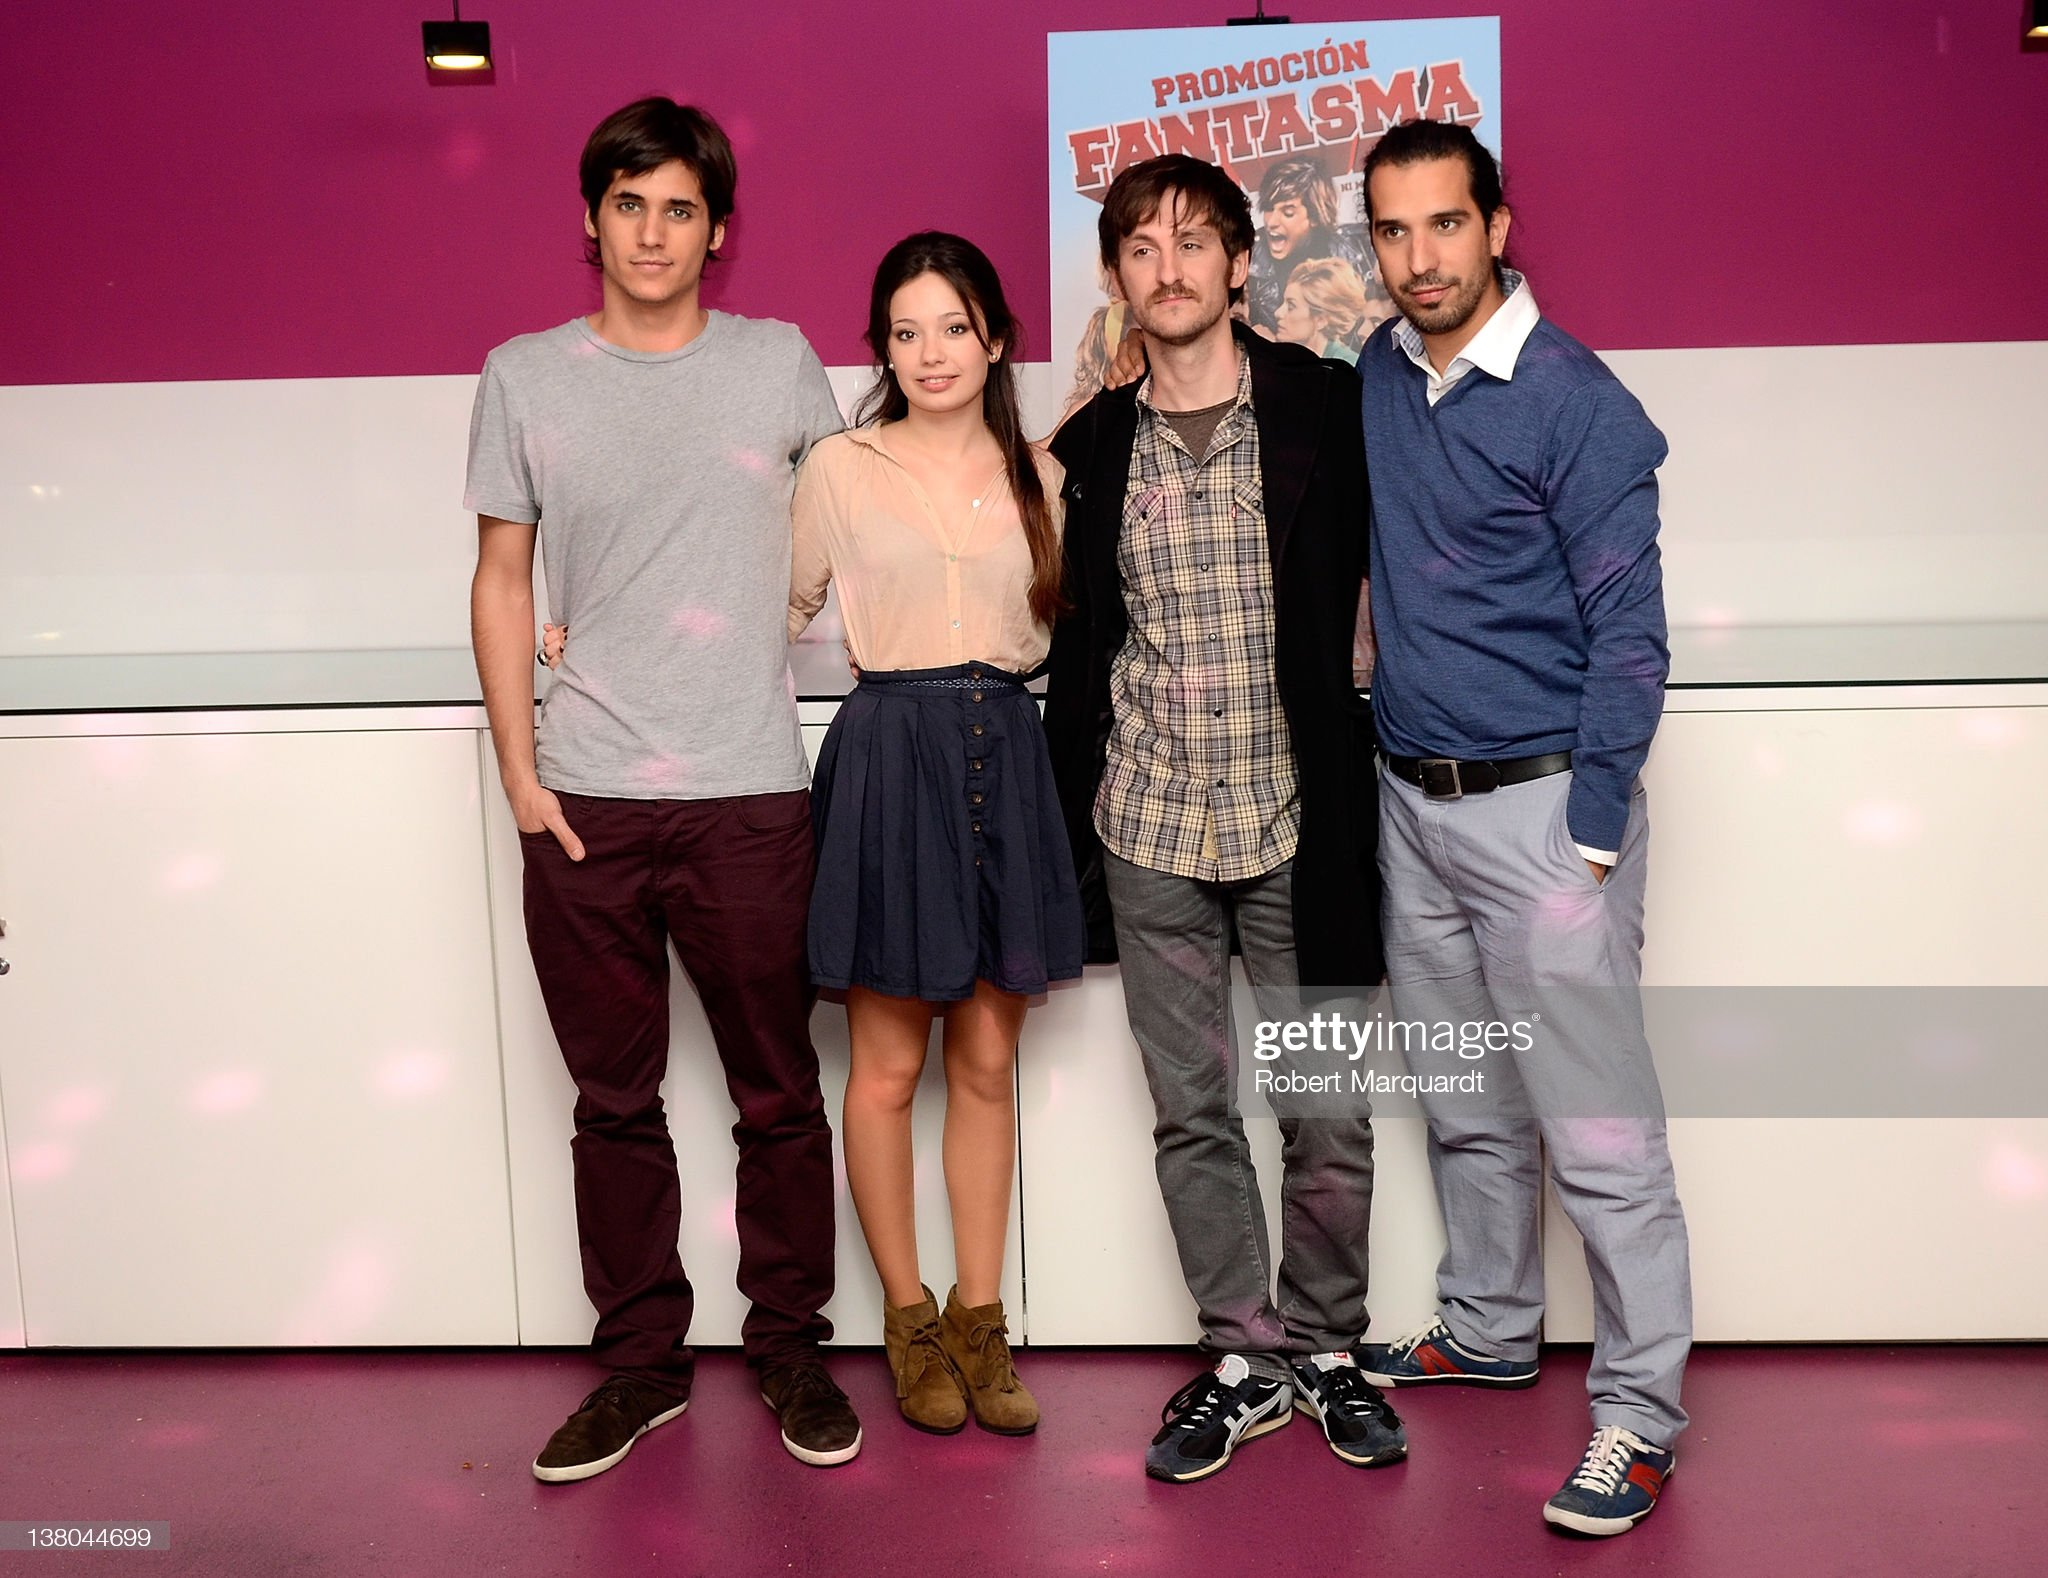 ¿Cuánto mide Julián López? - Altura - Página 3 Actors-alex-maruny-anna-castillo-raul-arevalo-and-director-javier-picture-id138044699?s=2048x2048